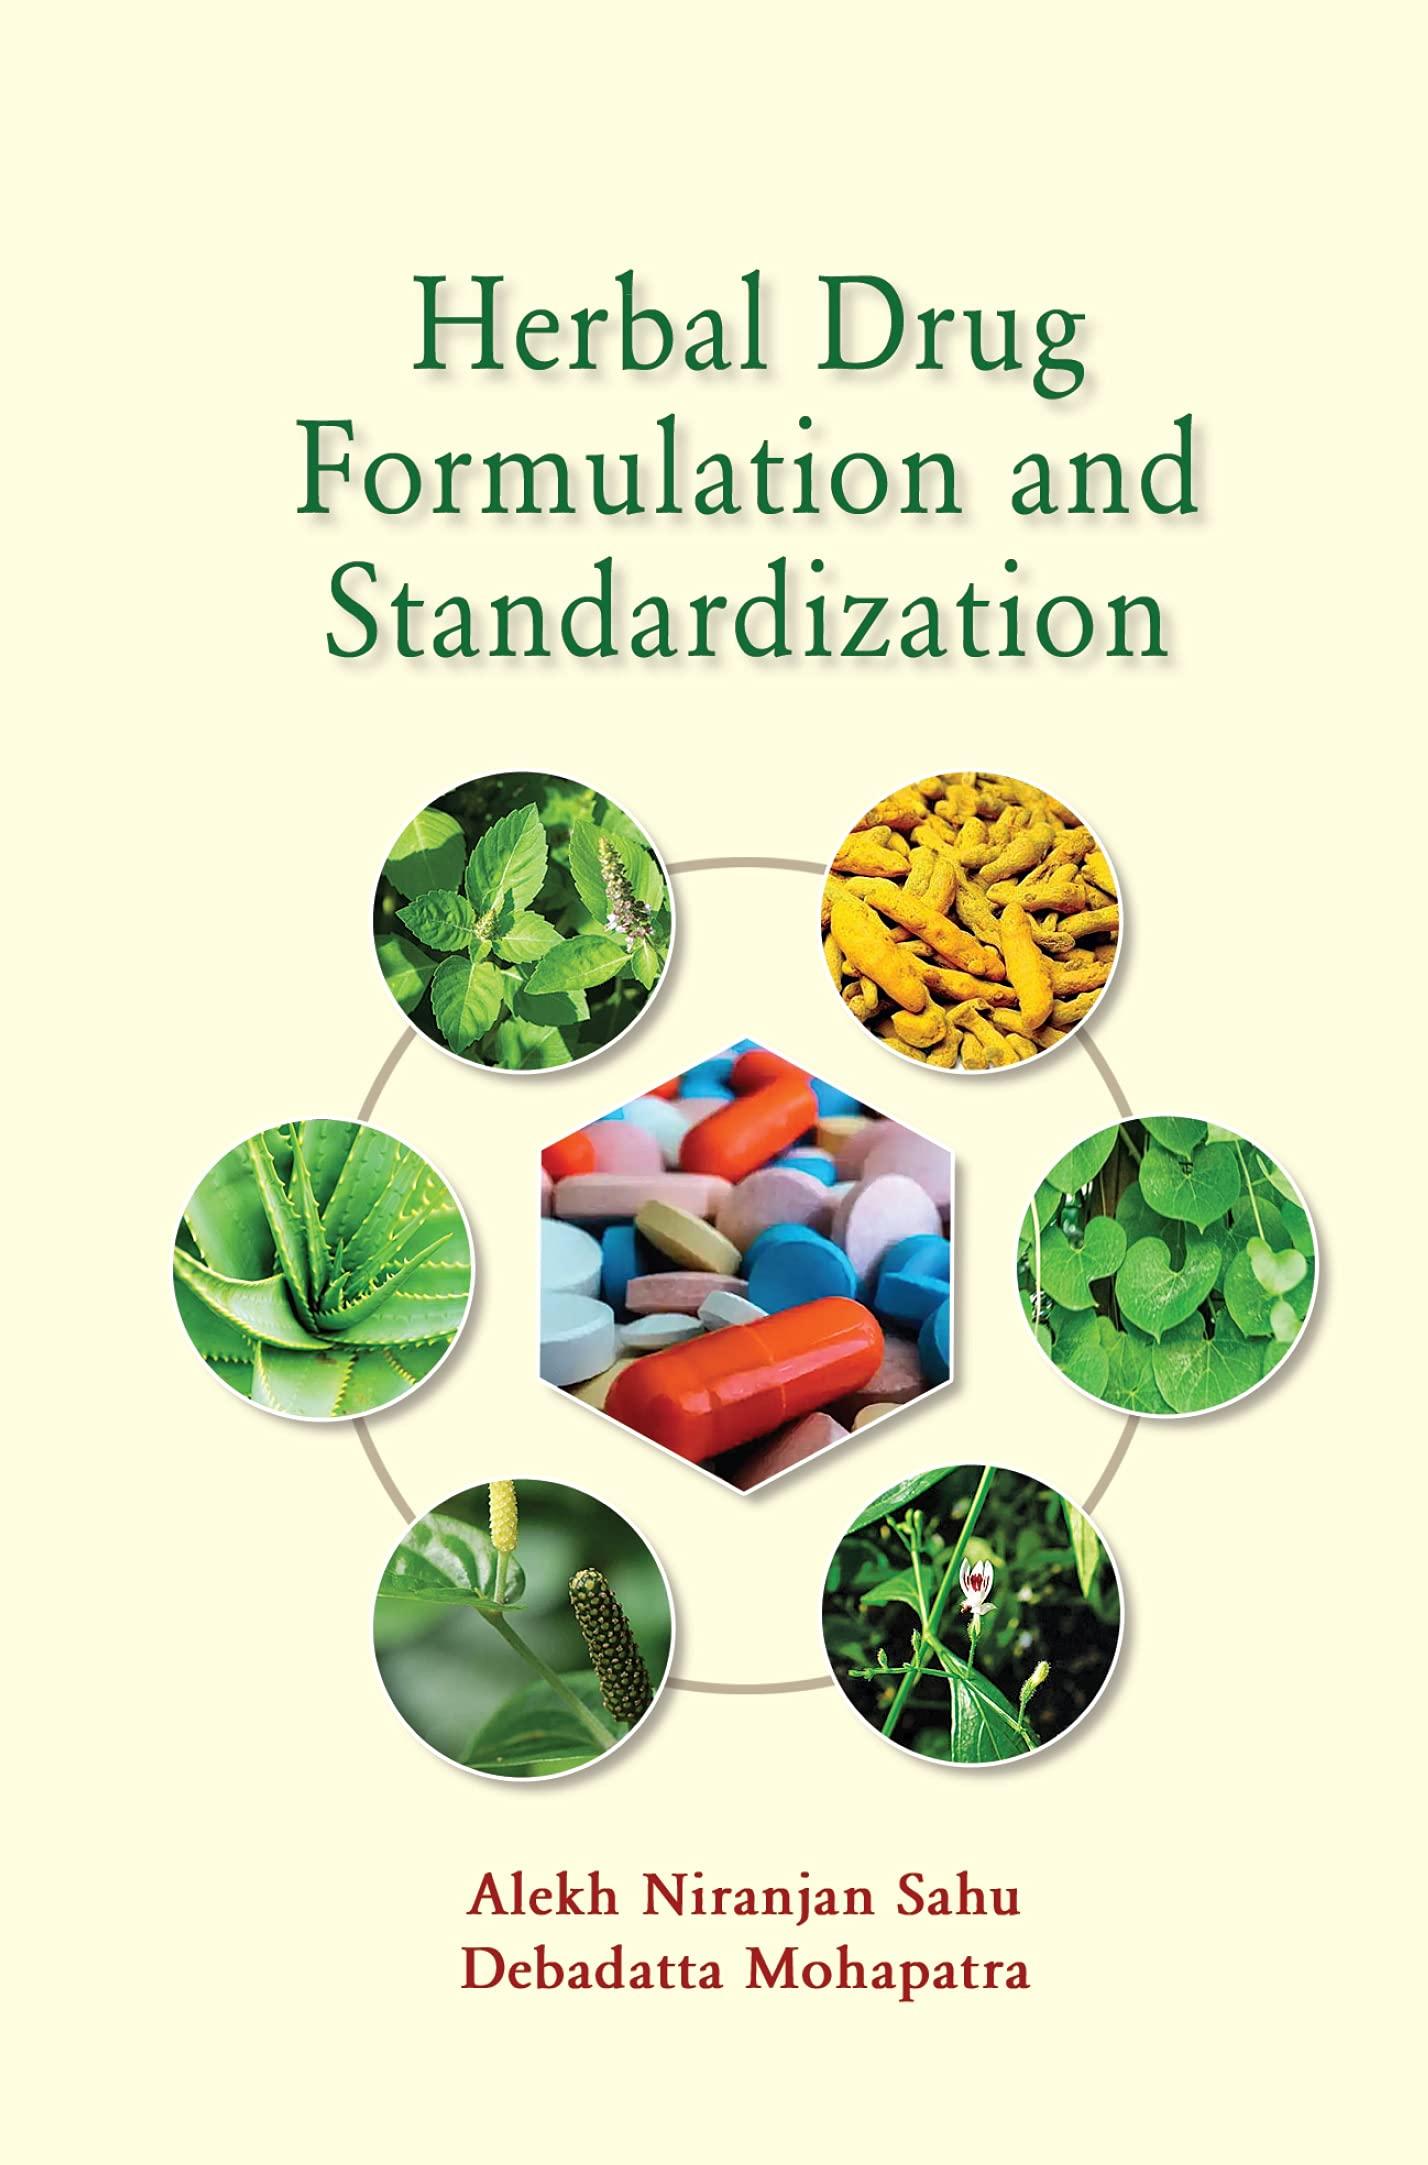 Herbal Drug Formulation and Standardization